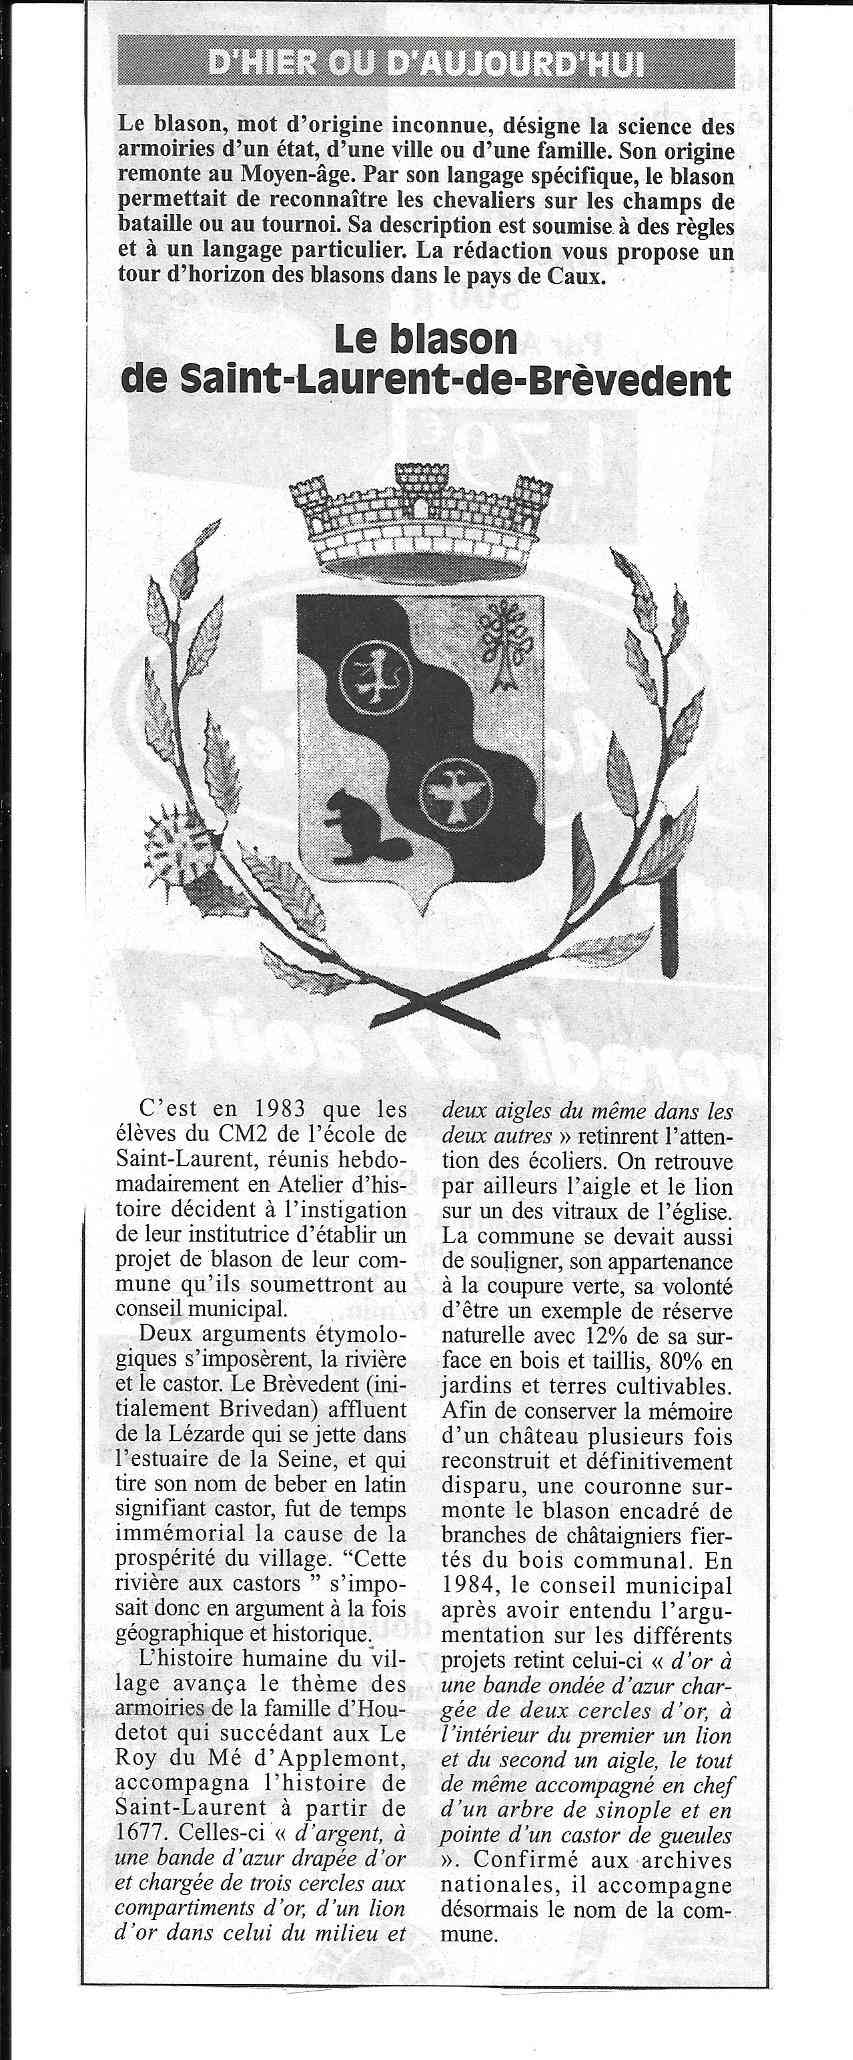 Histoire des communes - Saint-Laurent-de-Brèvedent 159